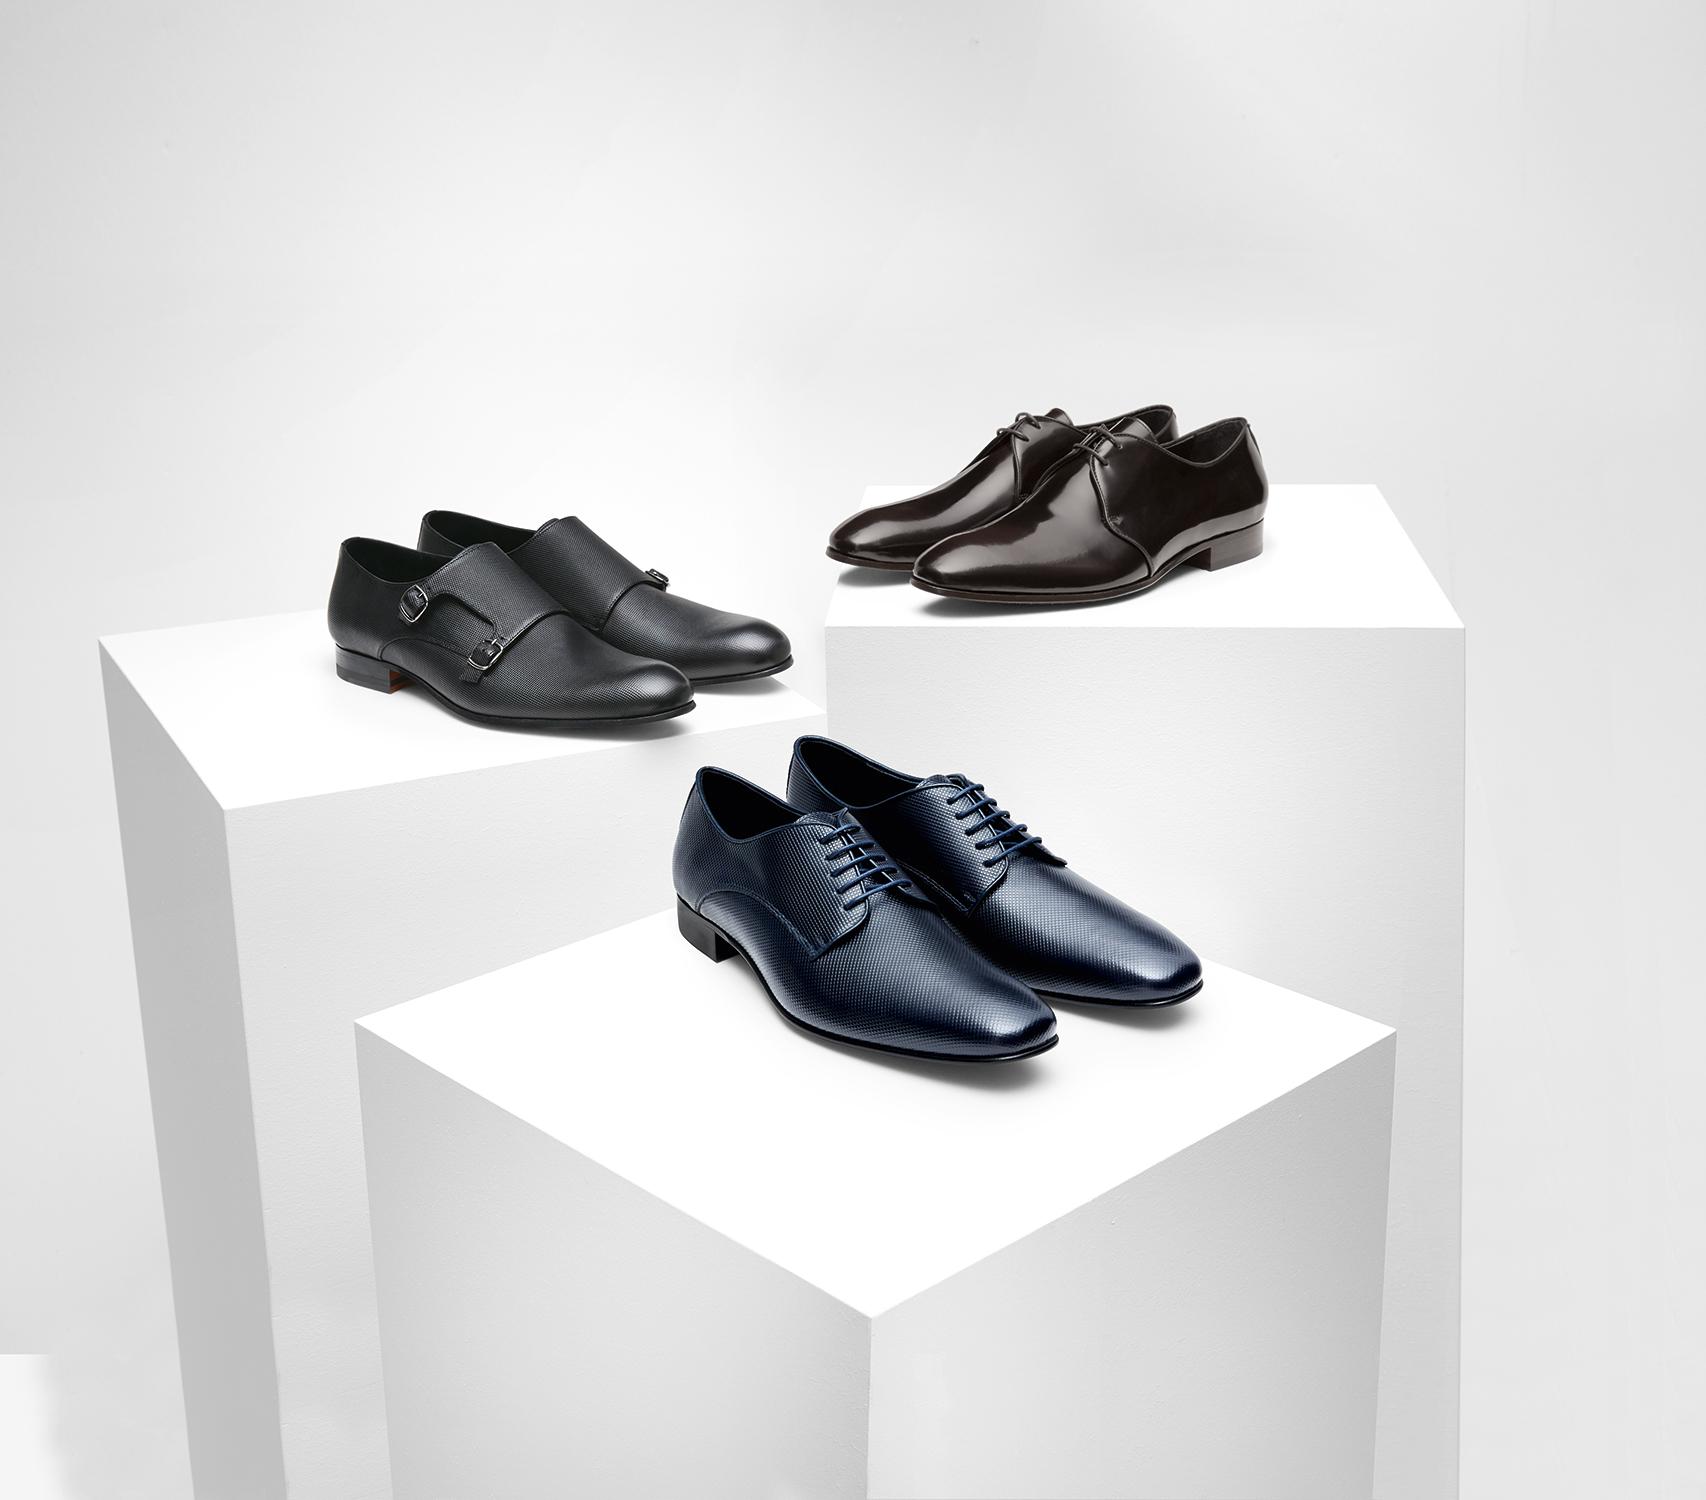 Wilvorst Schuhe Männer Mode Hochzeit Bräutigam Herren Accessoires verschiedene Modelle schwarz und Lack